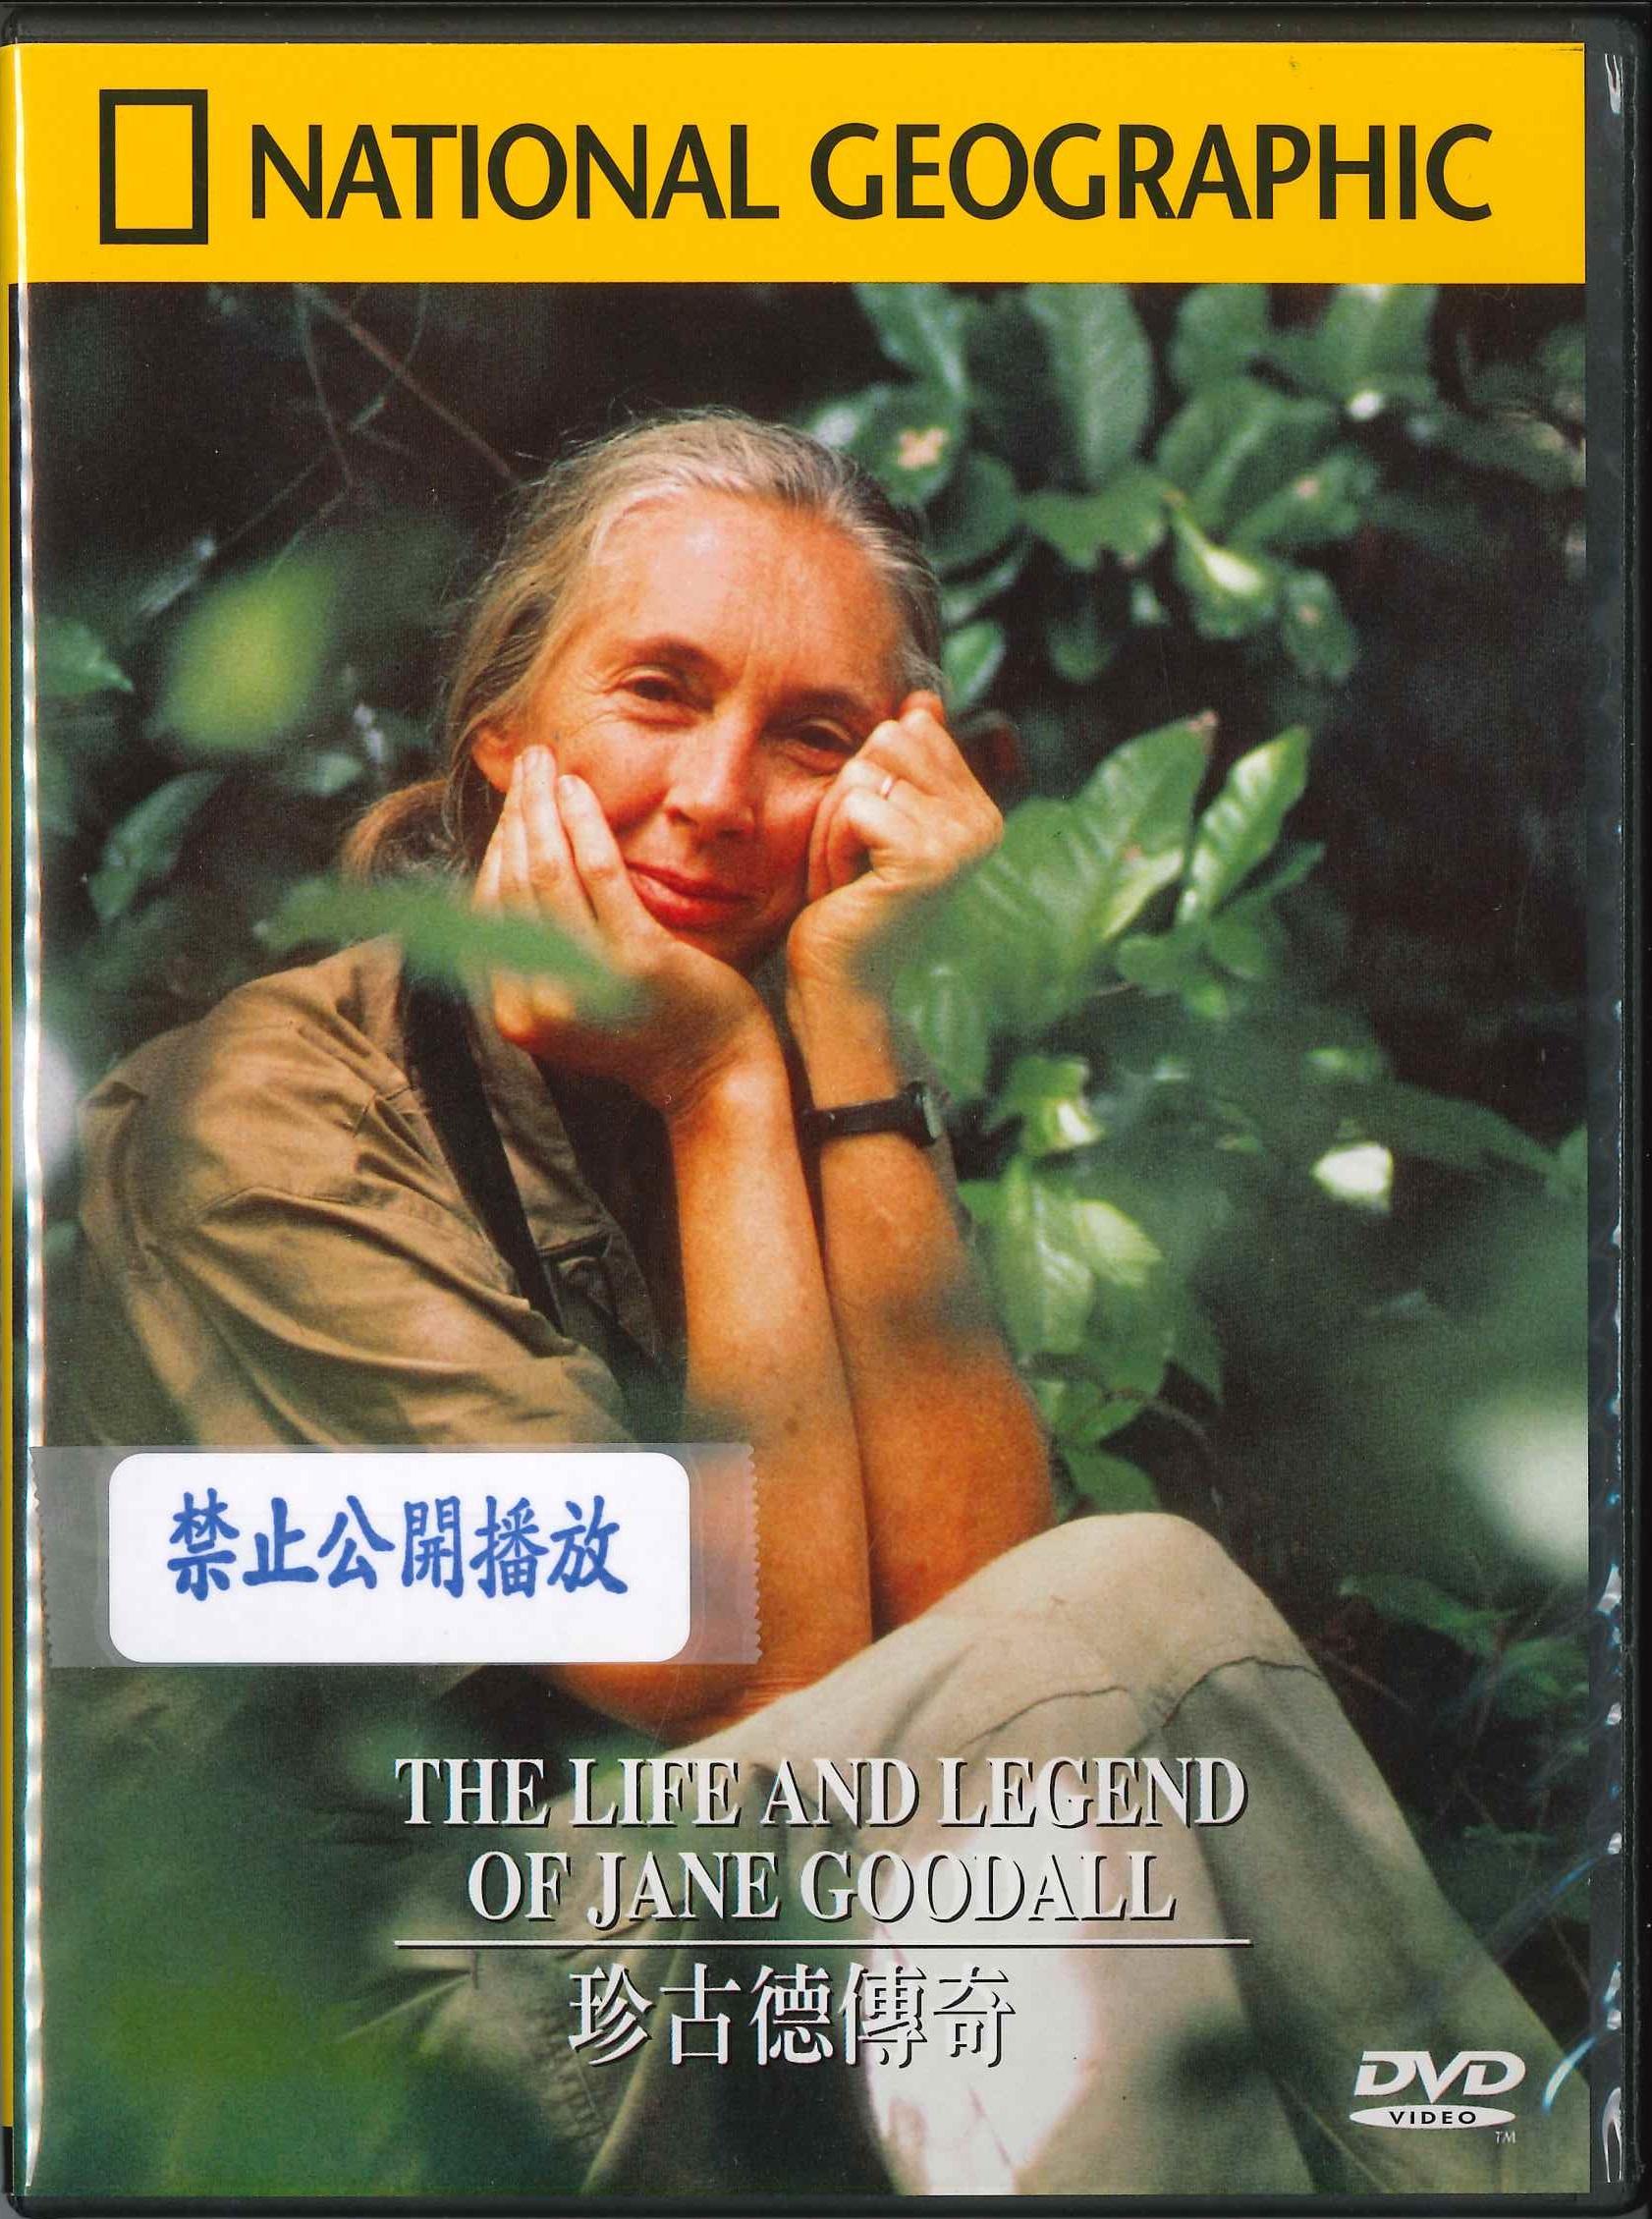 珍古德傳奇 [錄影資料]=The life and legend of Jane Goodall